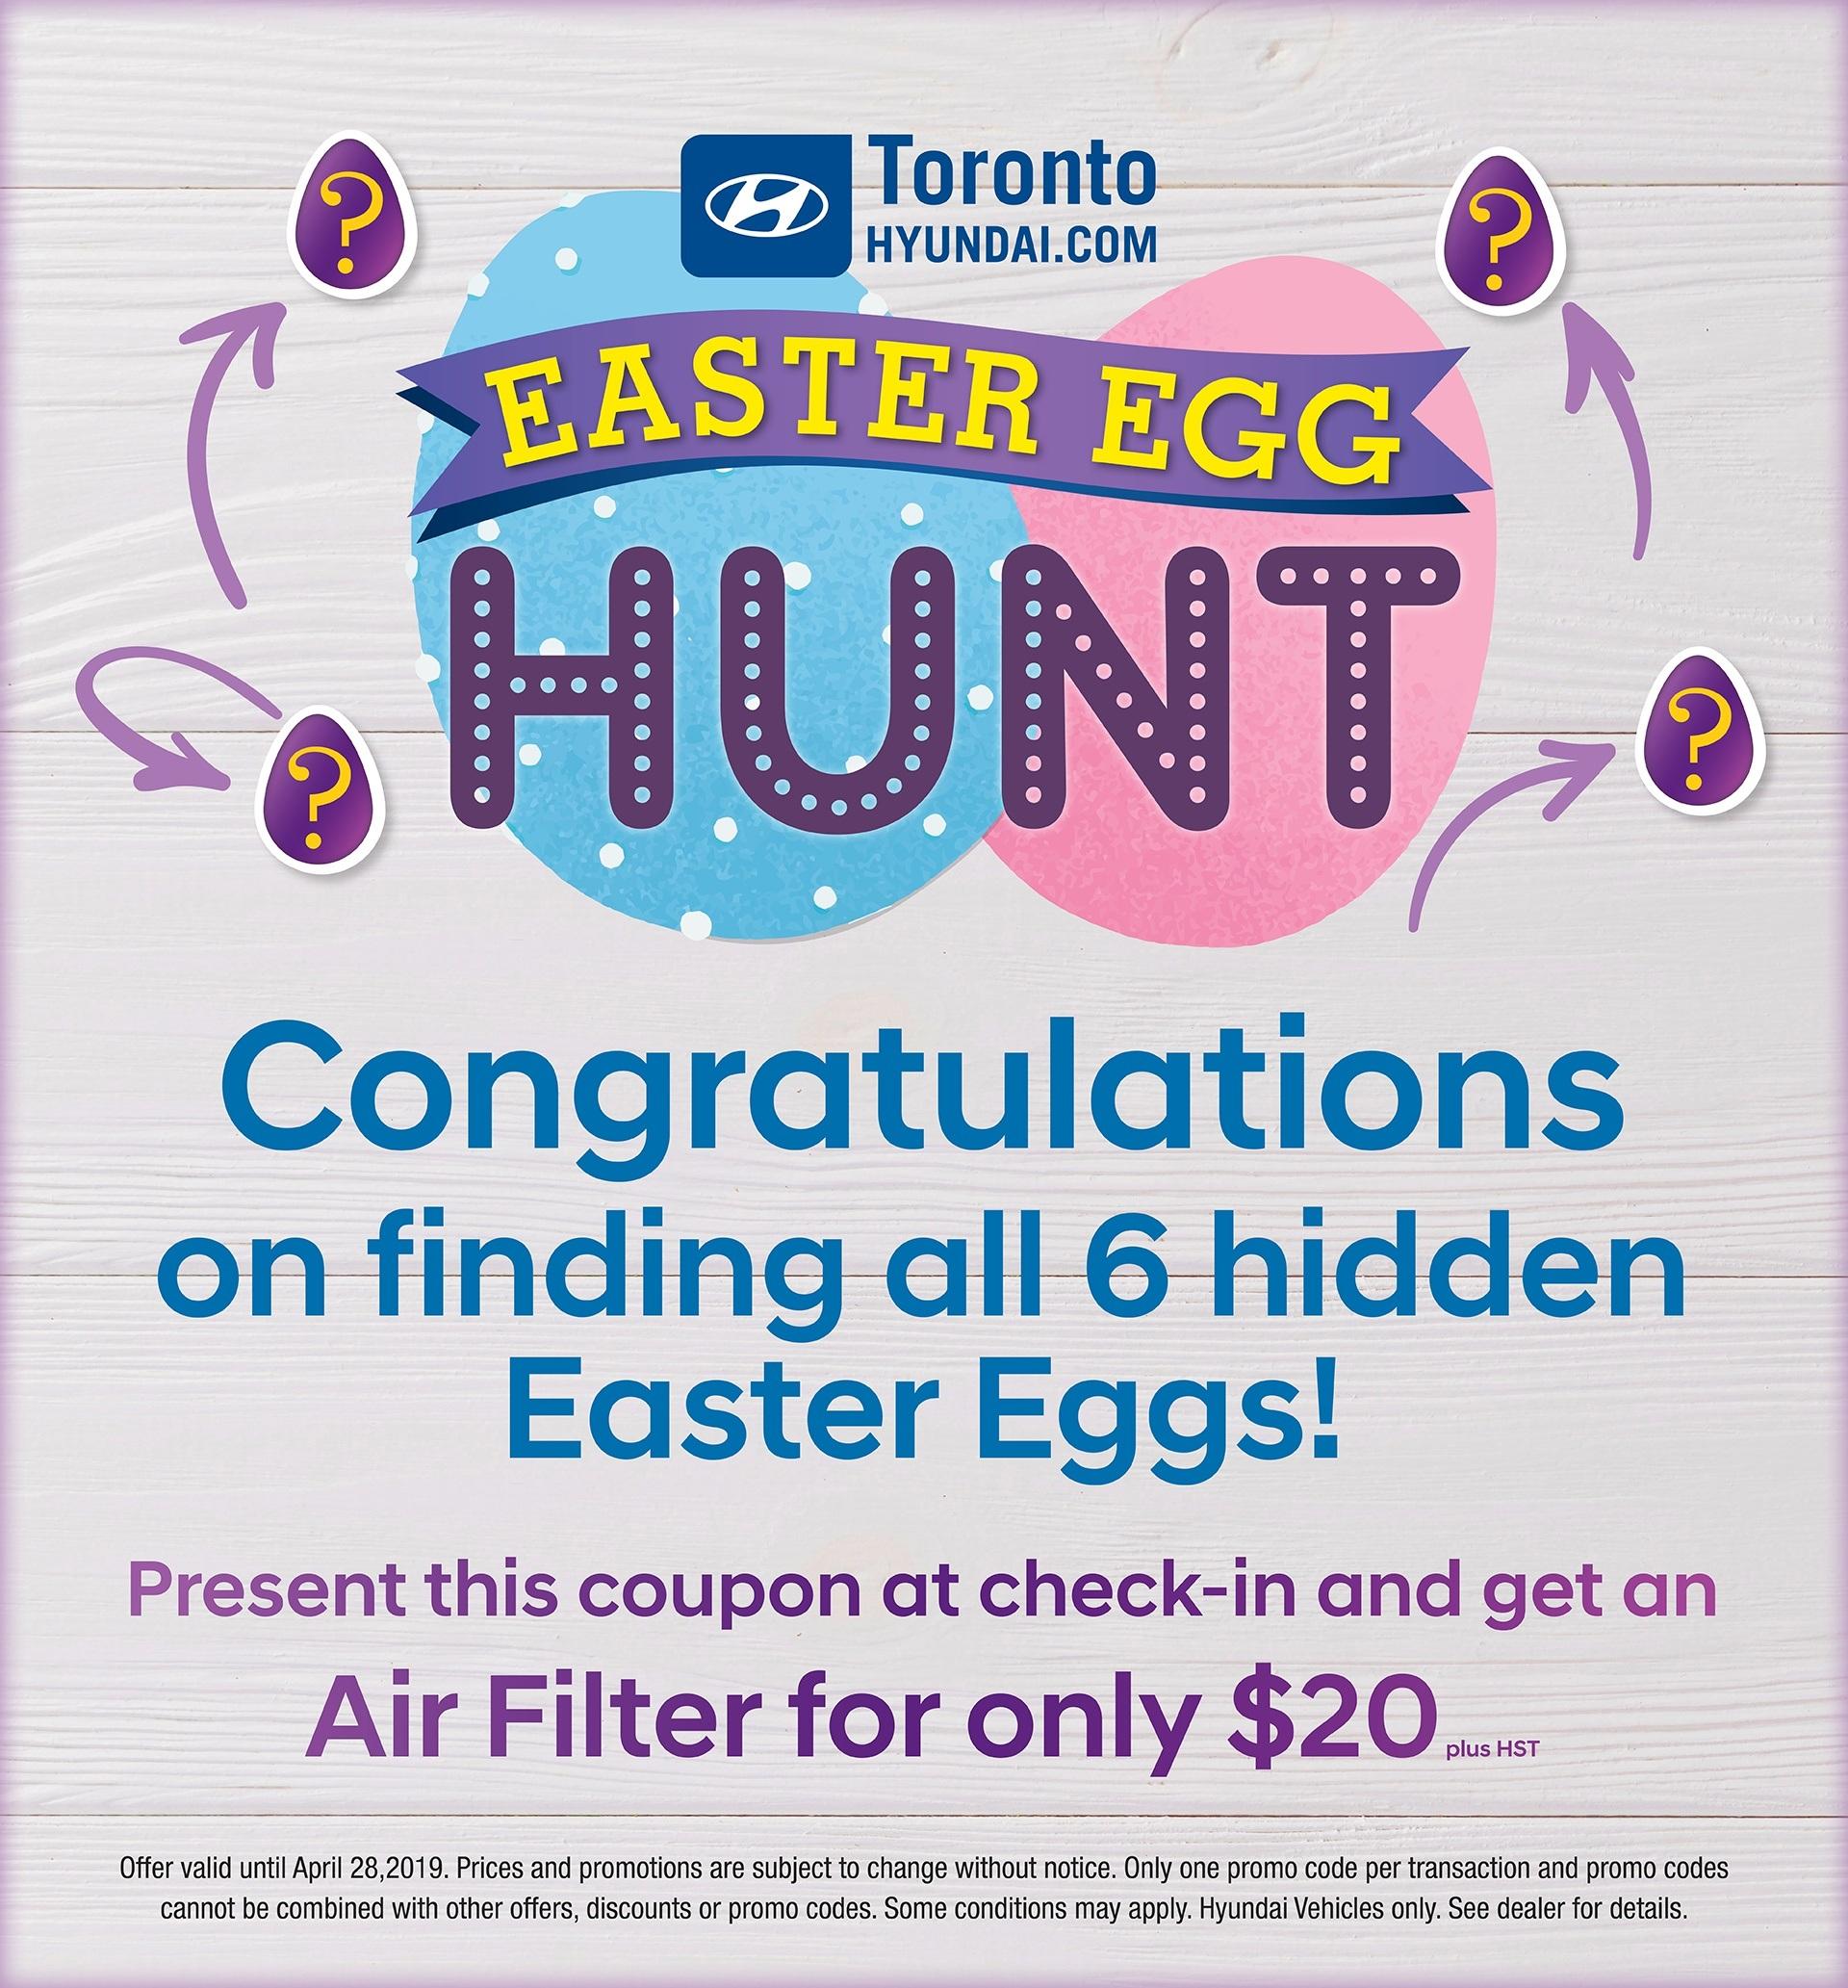 19781 TH April Easter Egg Hunt Website Coupon